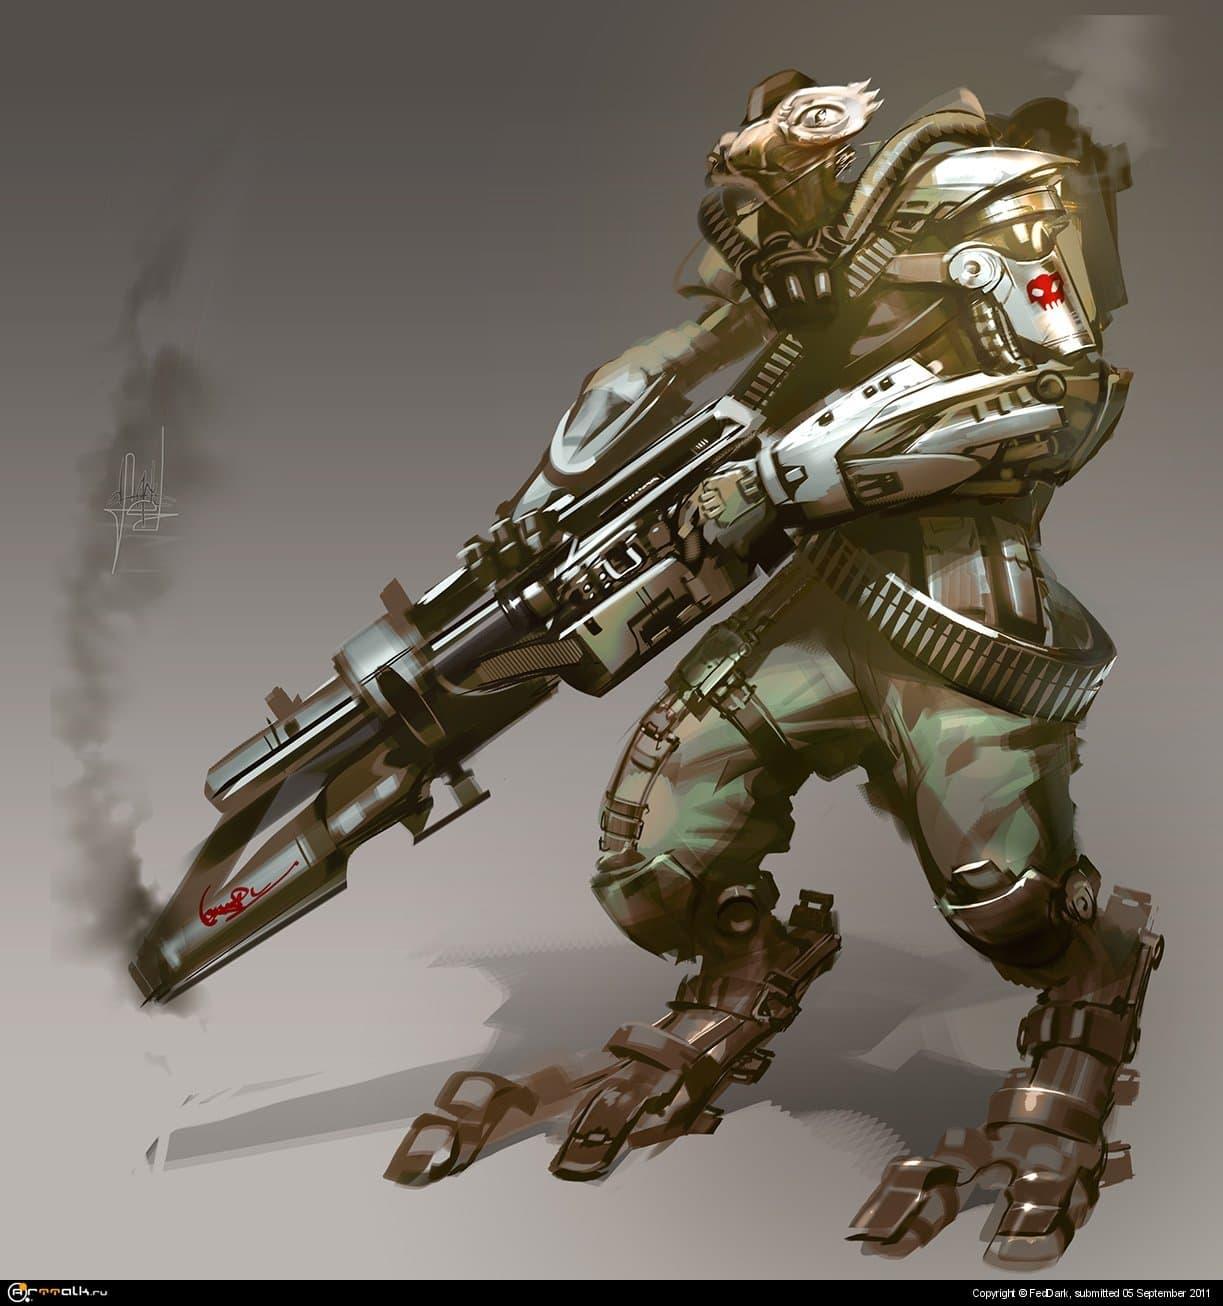 Battlefrog